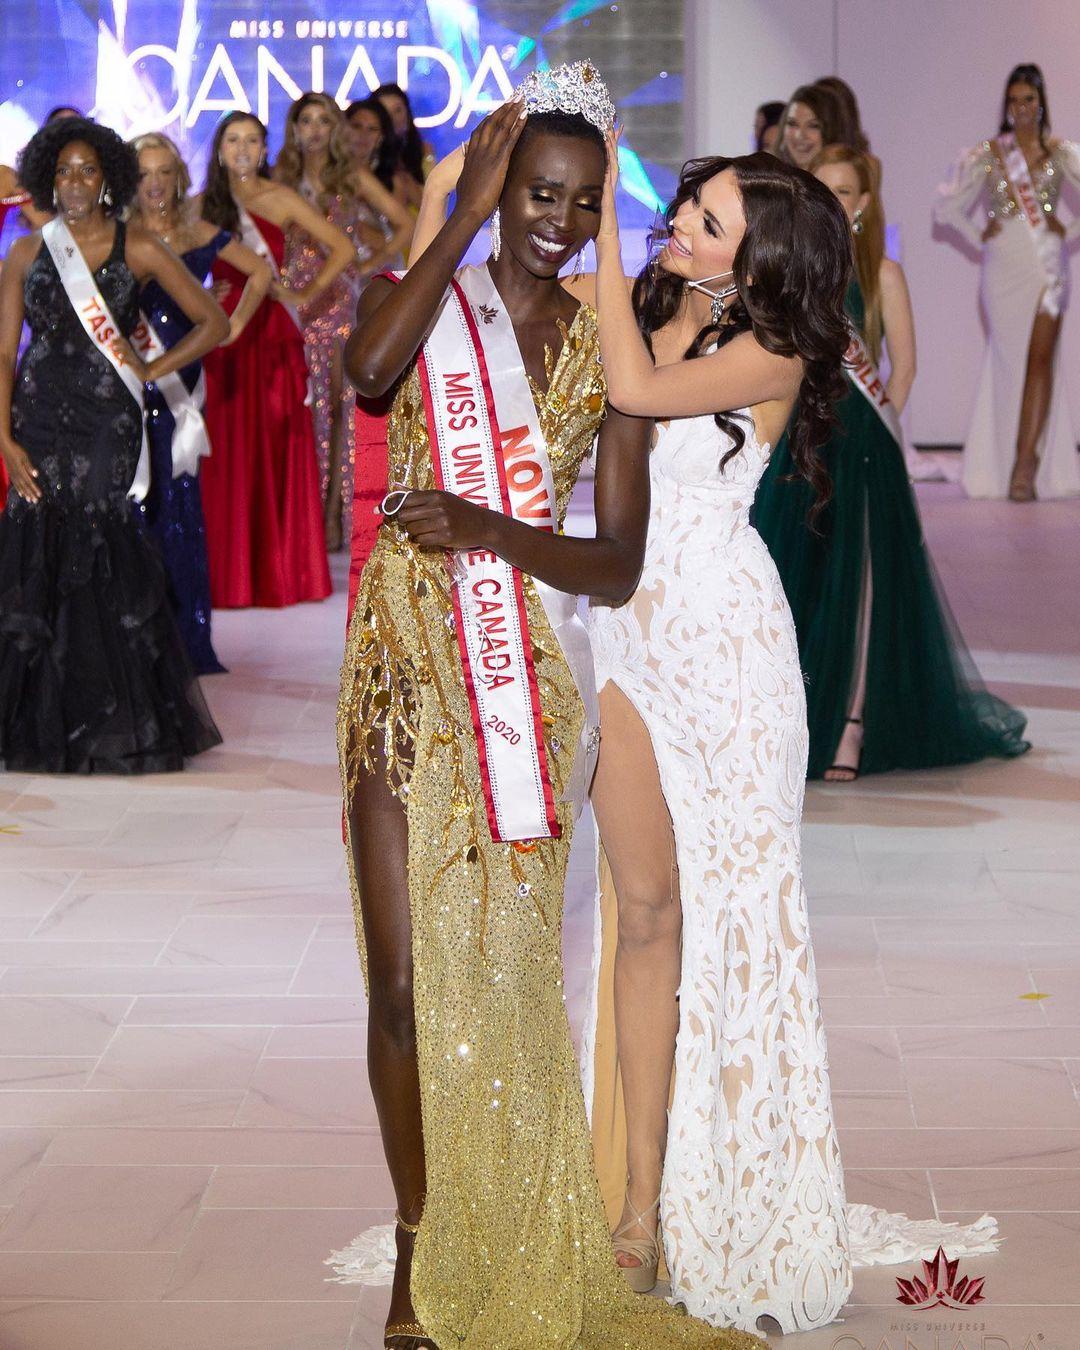 Nova được đương kim Miss Universe - Zozibini Tunzi - truyền cảm hứng và thúc đẩy tham gia cuộc thi sắc đẹp năm nay.